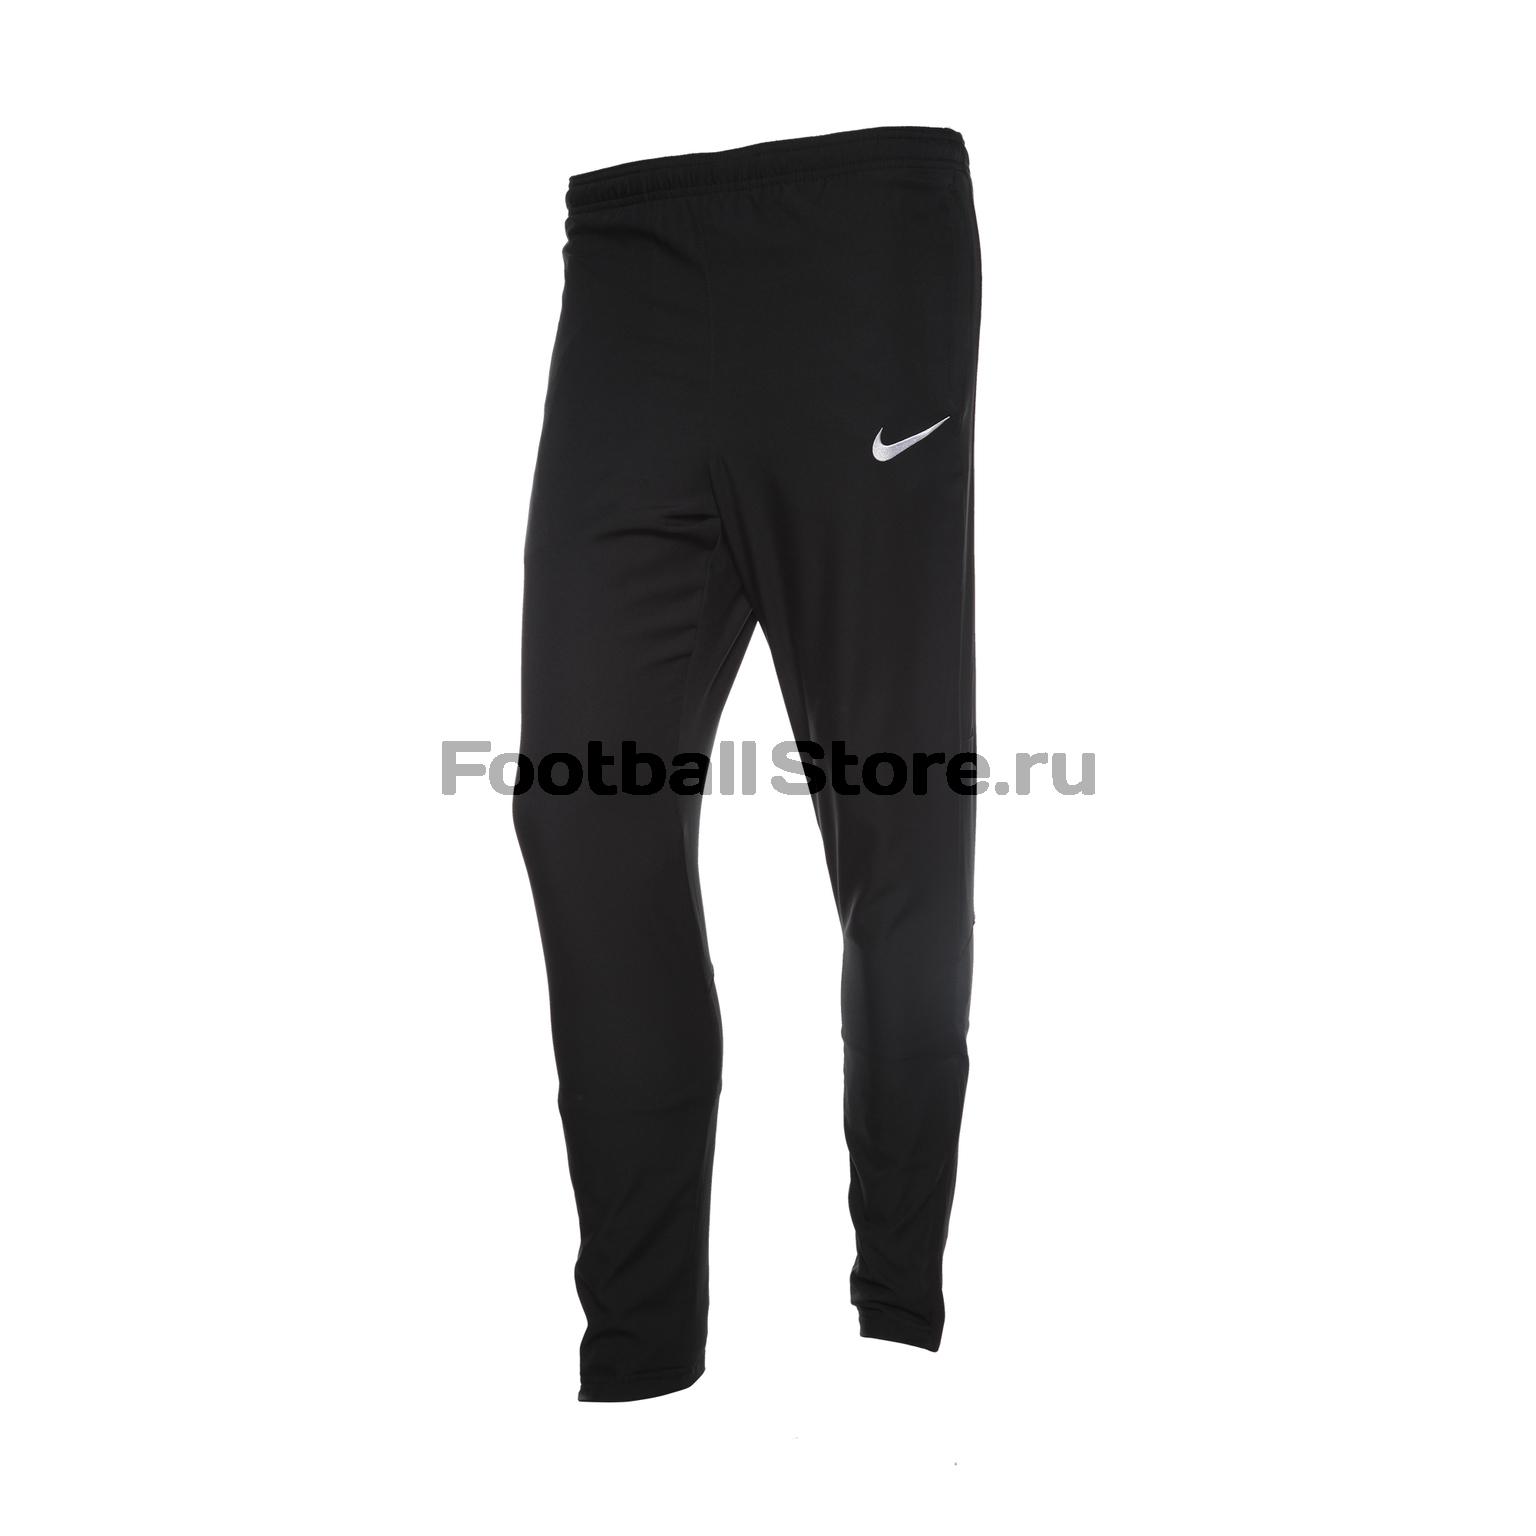 fe469de6 Костюм спортивный Nike Dry Academy18 TRK Suit W 893709-719 – купить ...